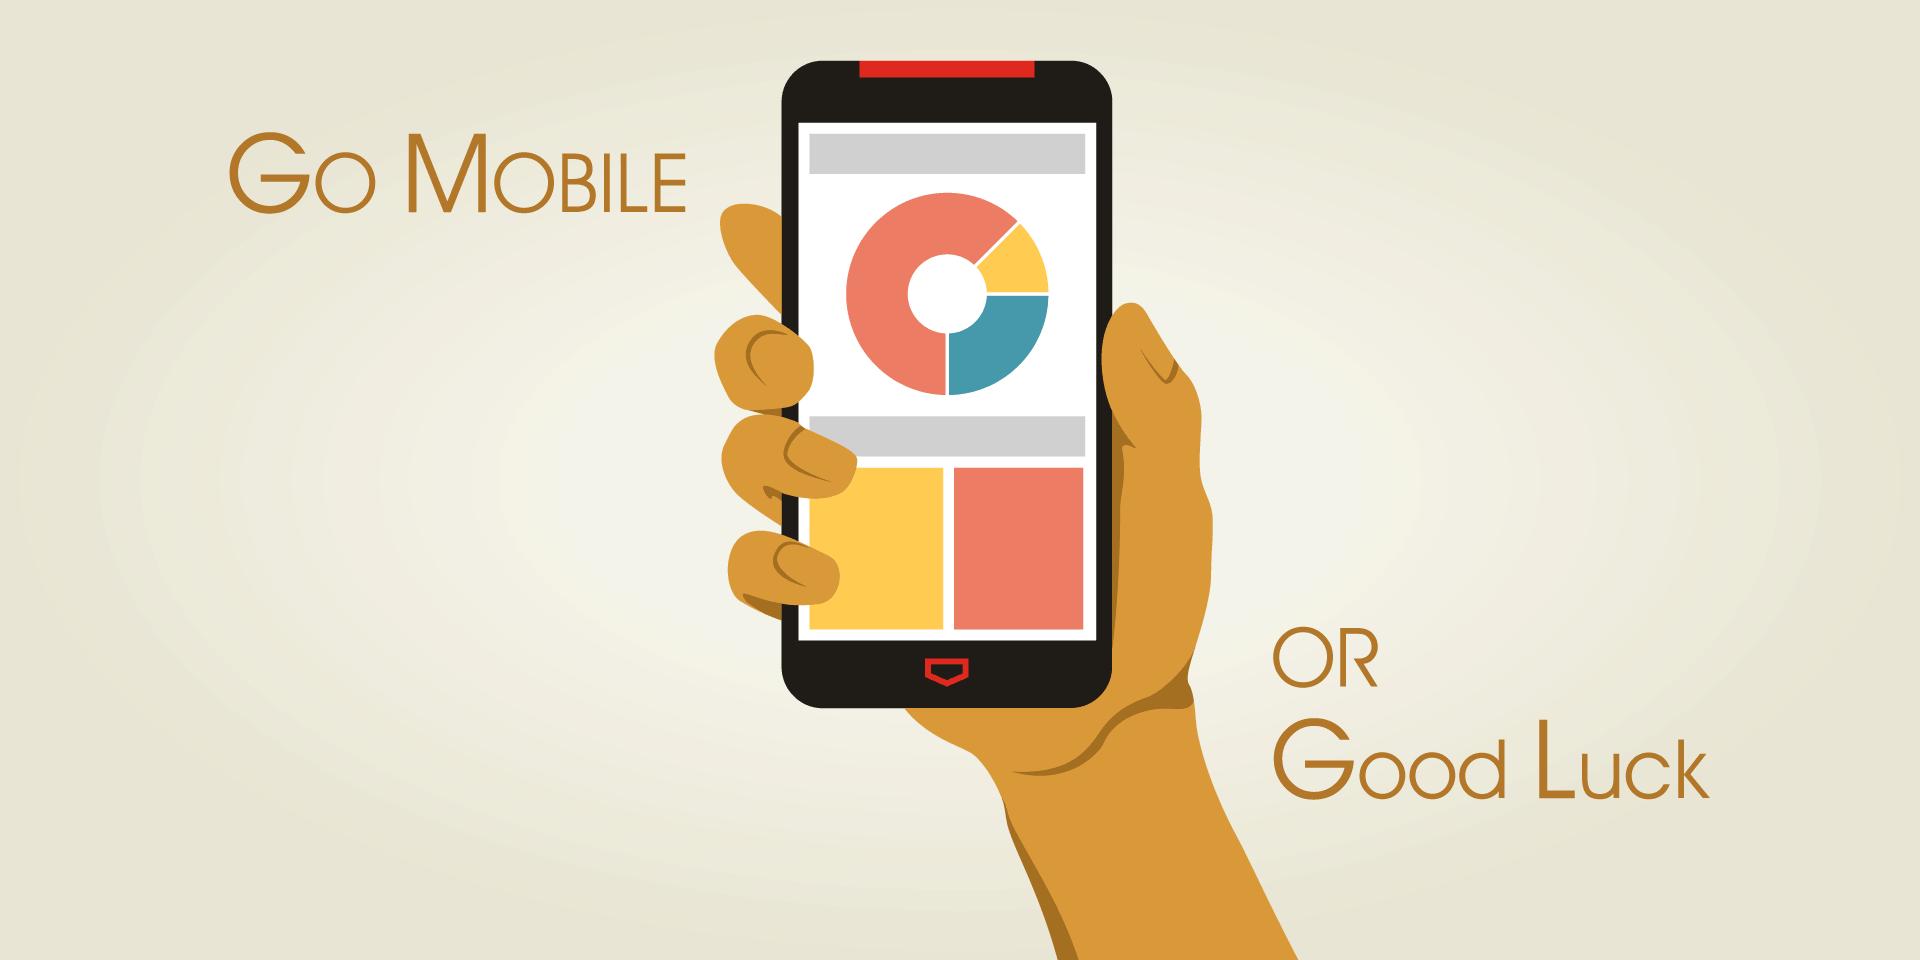 articolo-mobile-friendly-google-smartup-agenzia-marketing-pordenone-italia